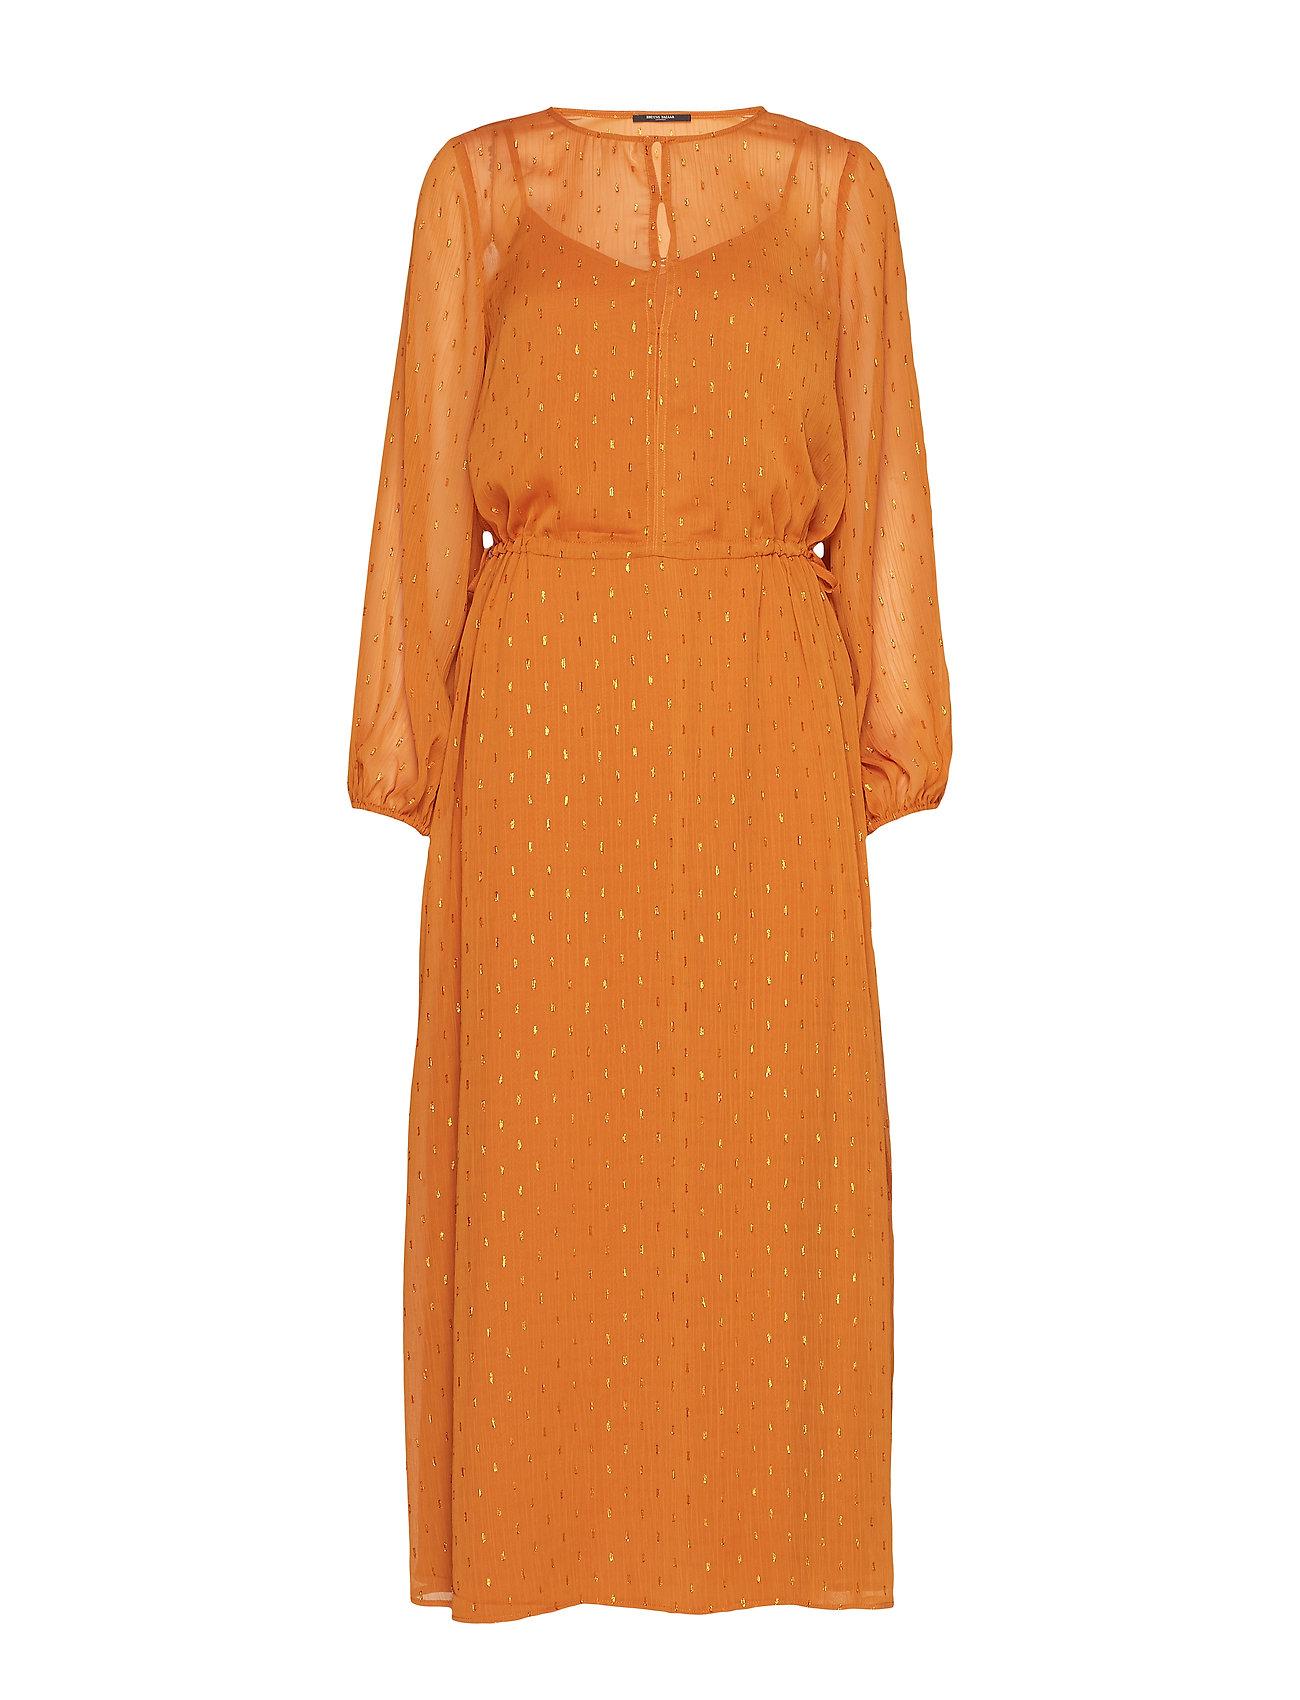 Bruuns Bazaar Mariah Gloria Dress - SUNDAN BROWN